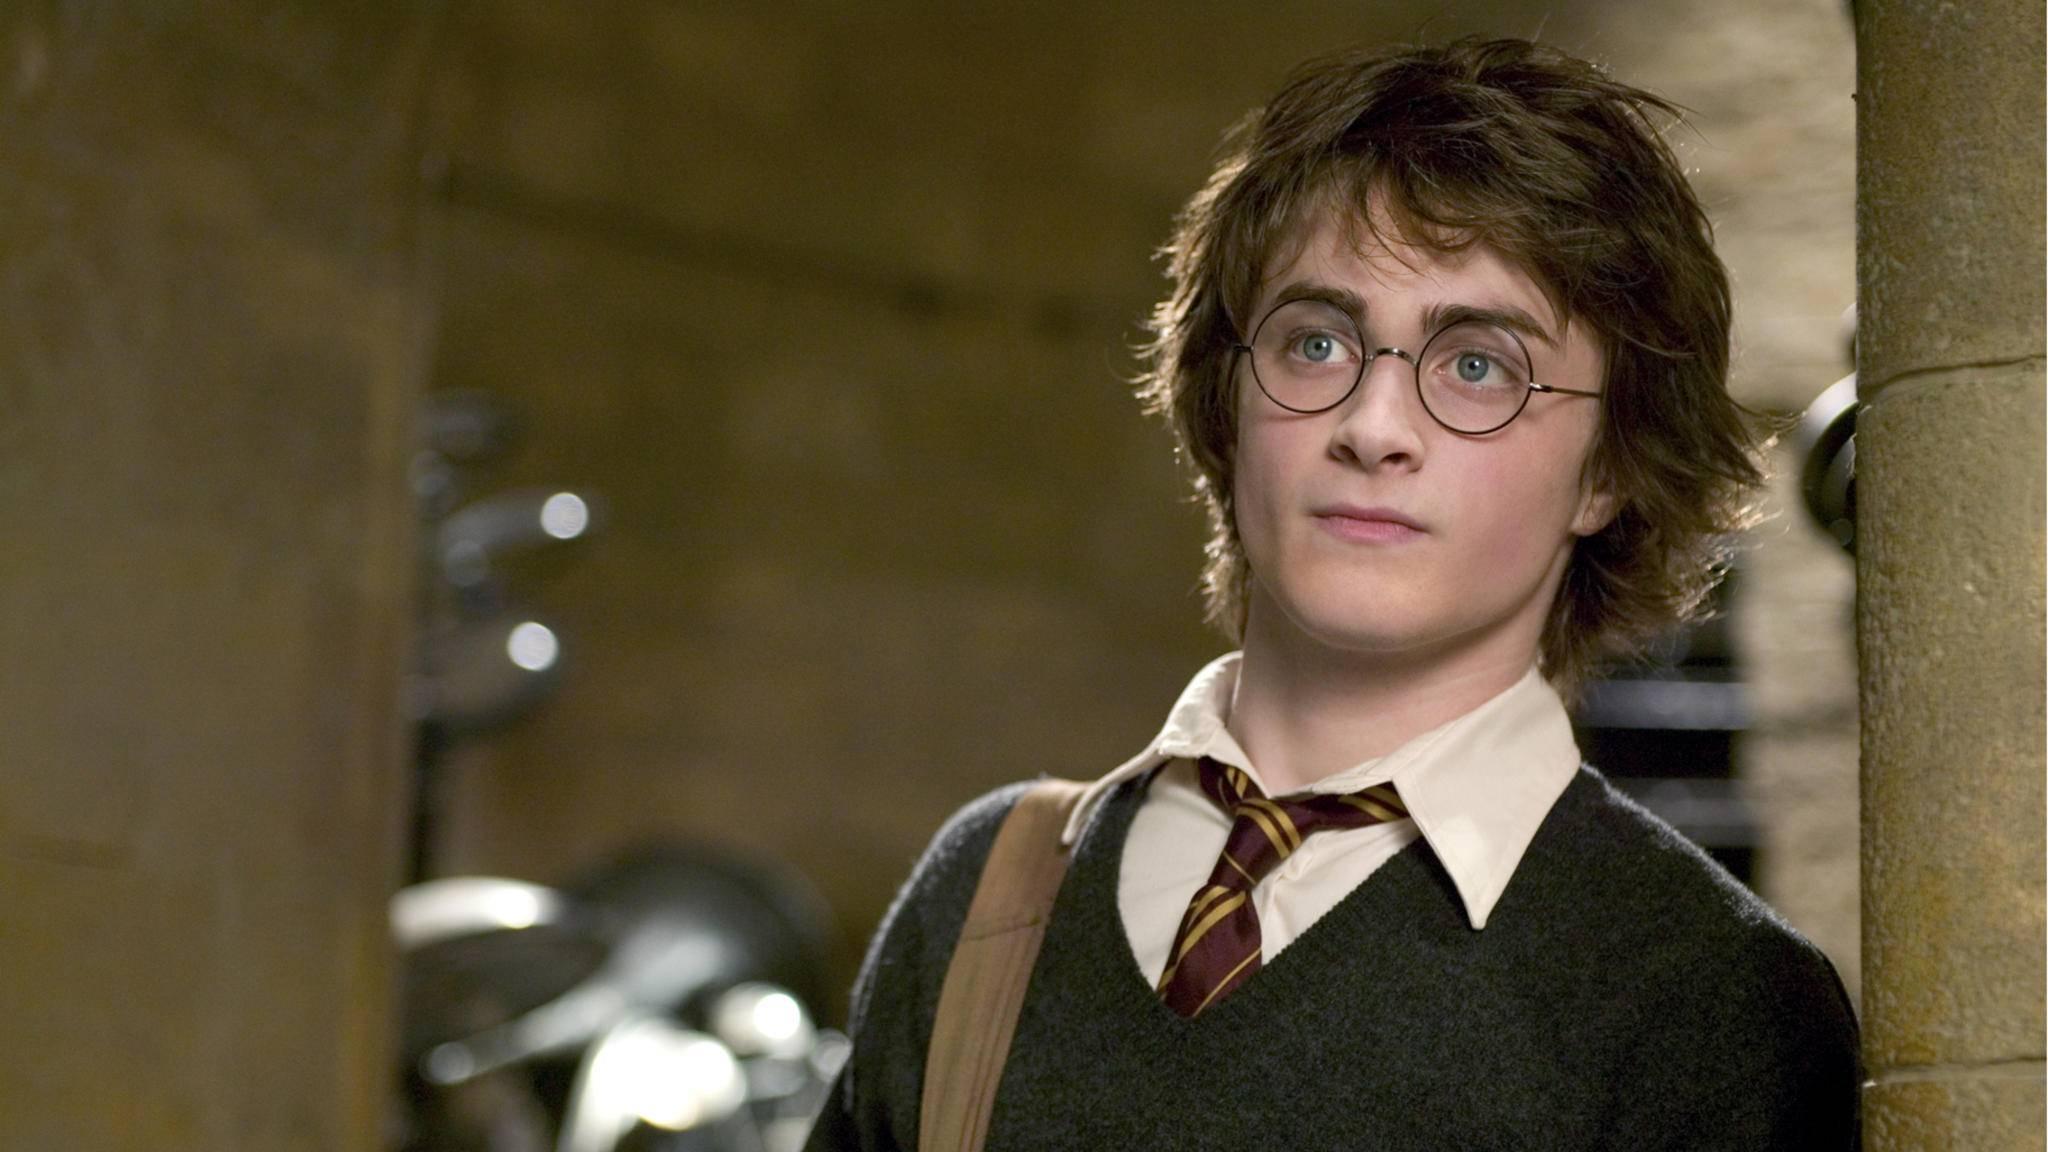 Wer Harry Potter mag, kann kein schlechter Mensch sein, oder?